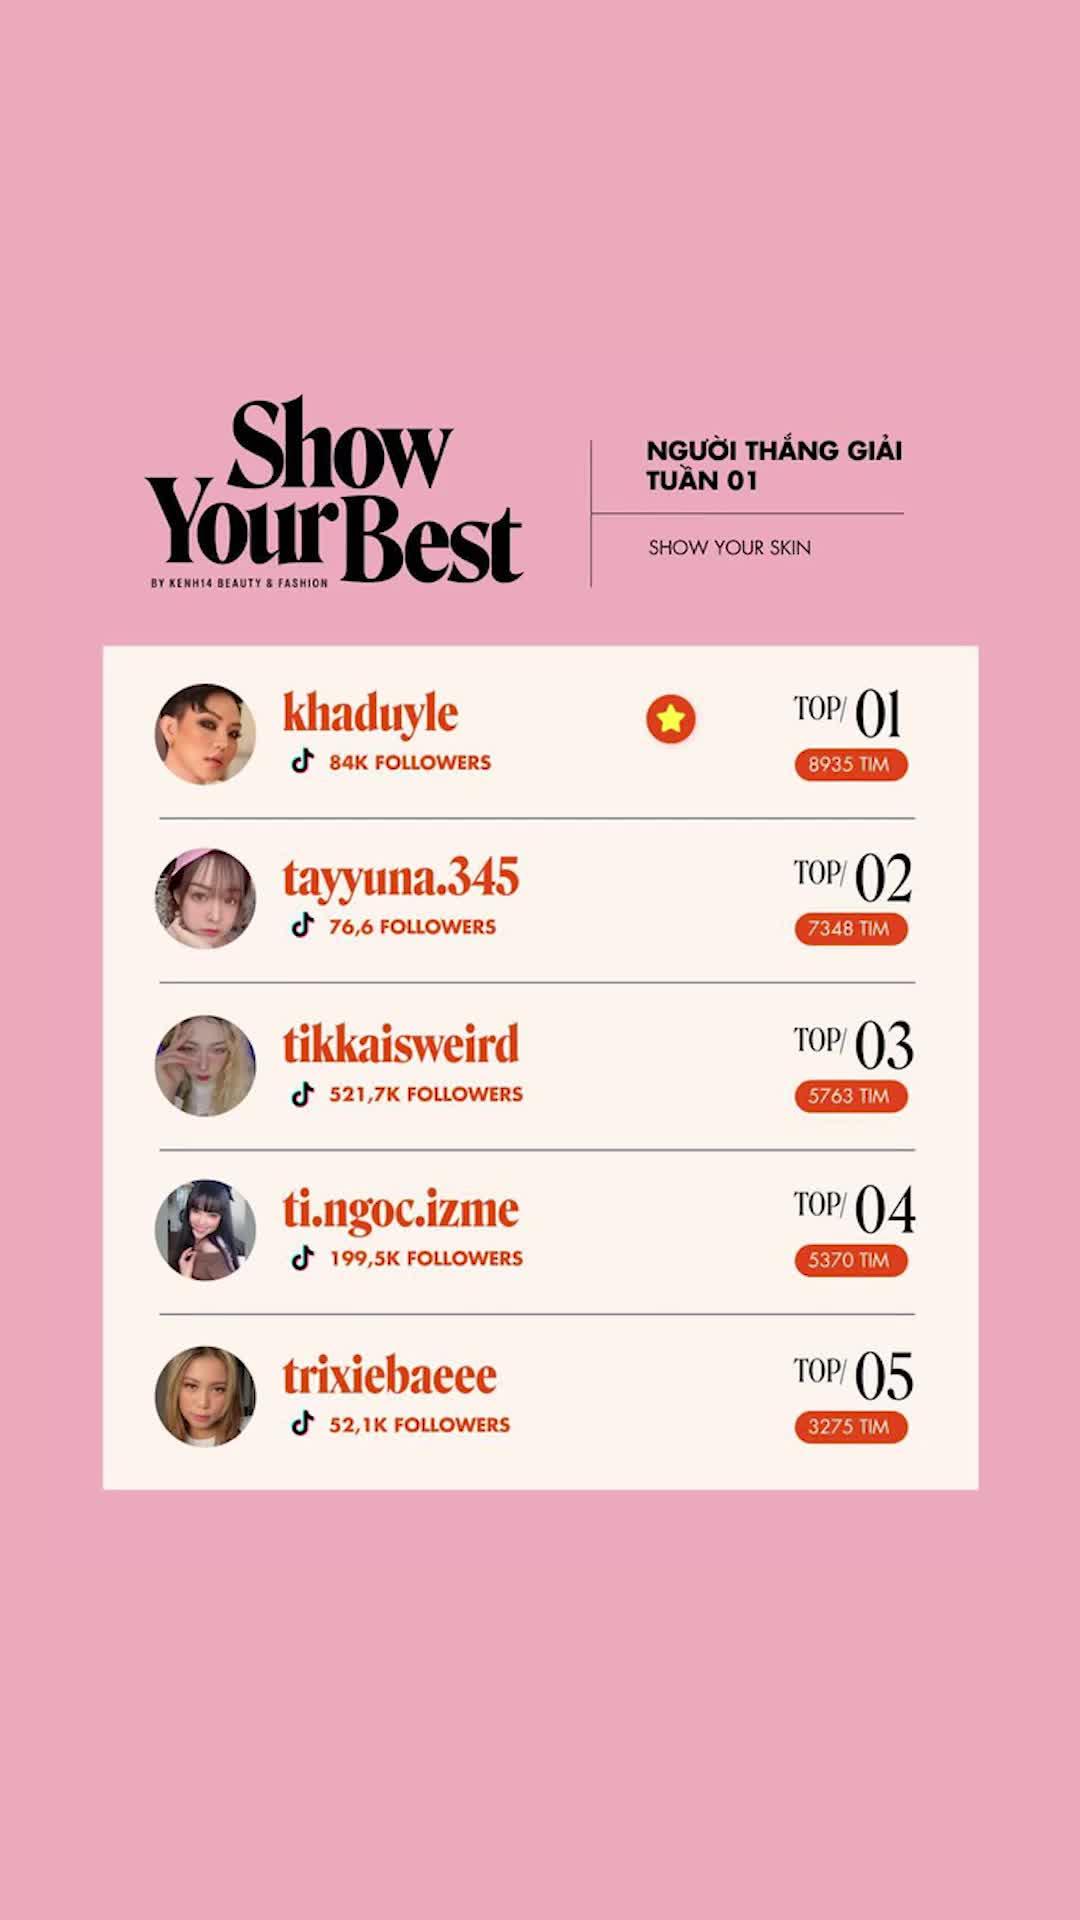 Chính thức tìm ra 5 beauty blogger tiềm năng nhất trong tuần đầu tiên tại Show Your Best